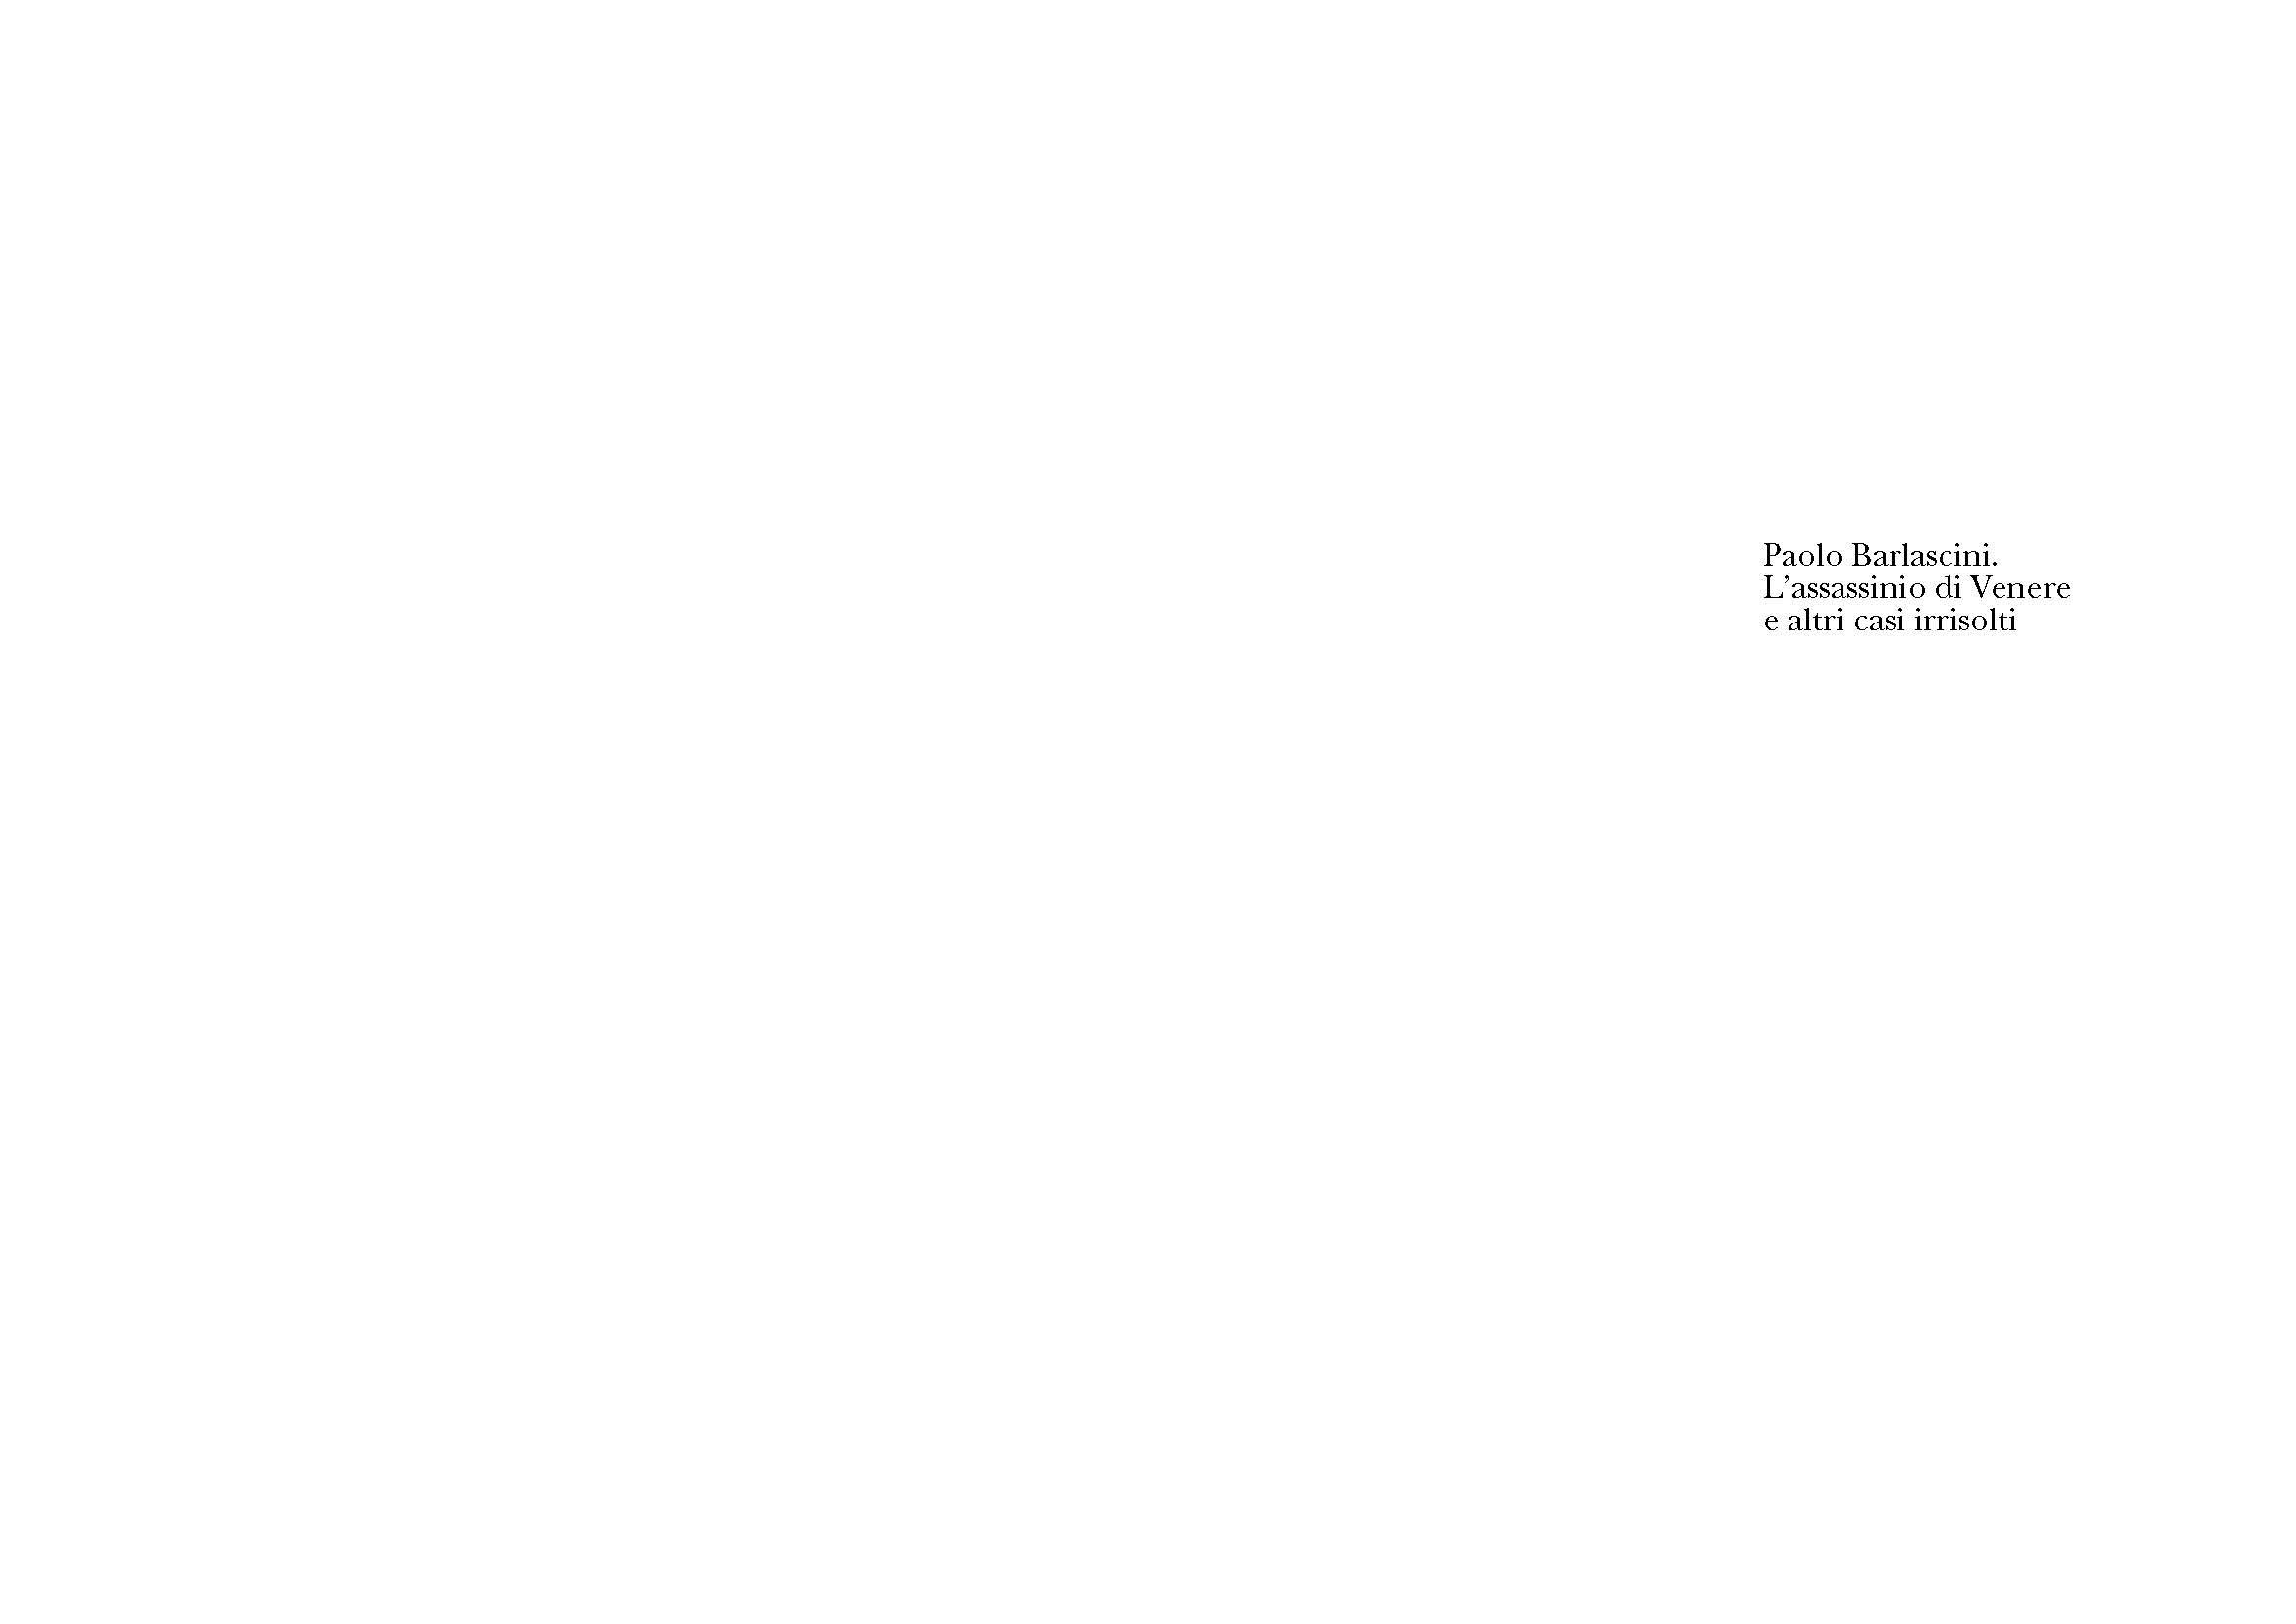 PB08-Assassinio_Page_03.jpg